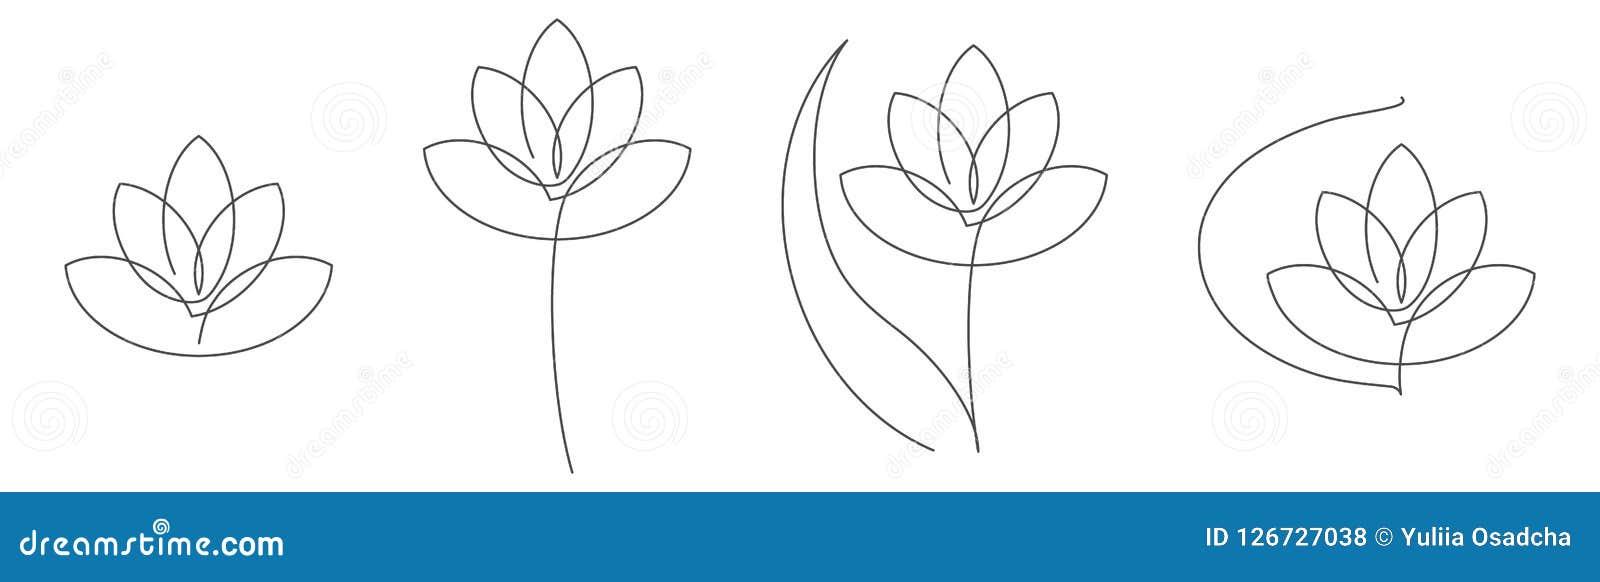 Plaatste de ononderbroken de lijn vectorillustratie van de bloemlotusbloem met editable slag voor bloemenontwerp of embleem